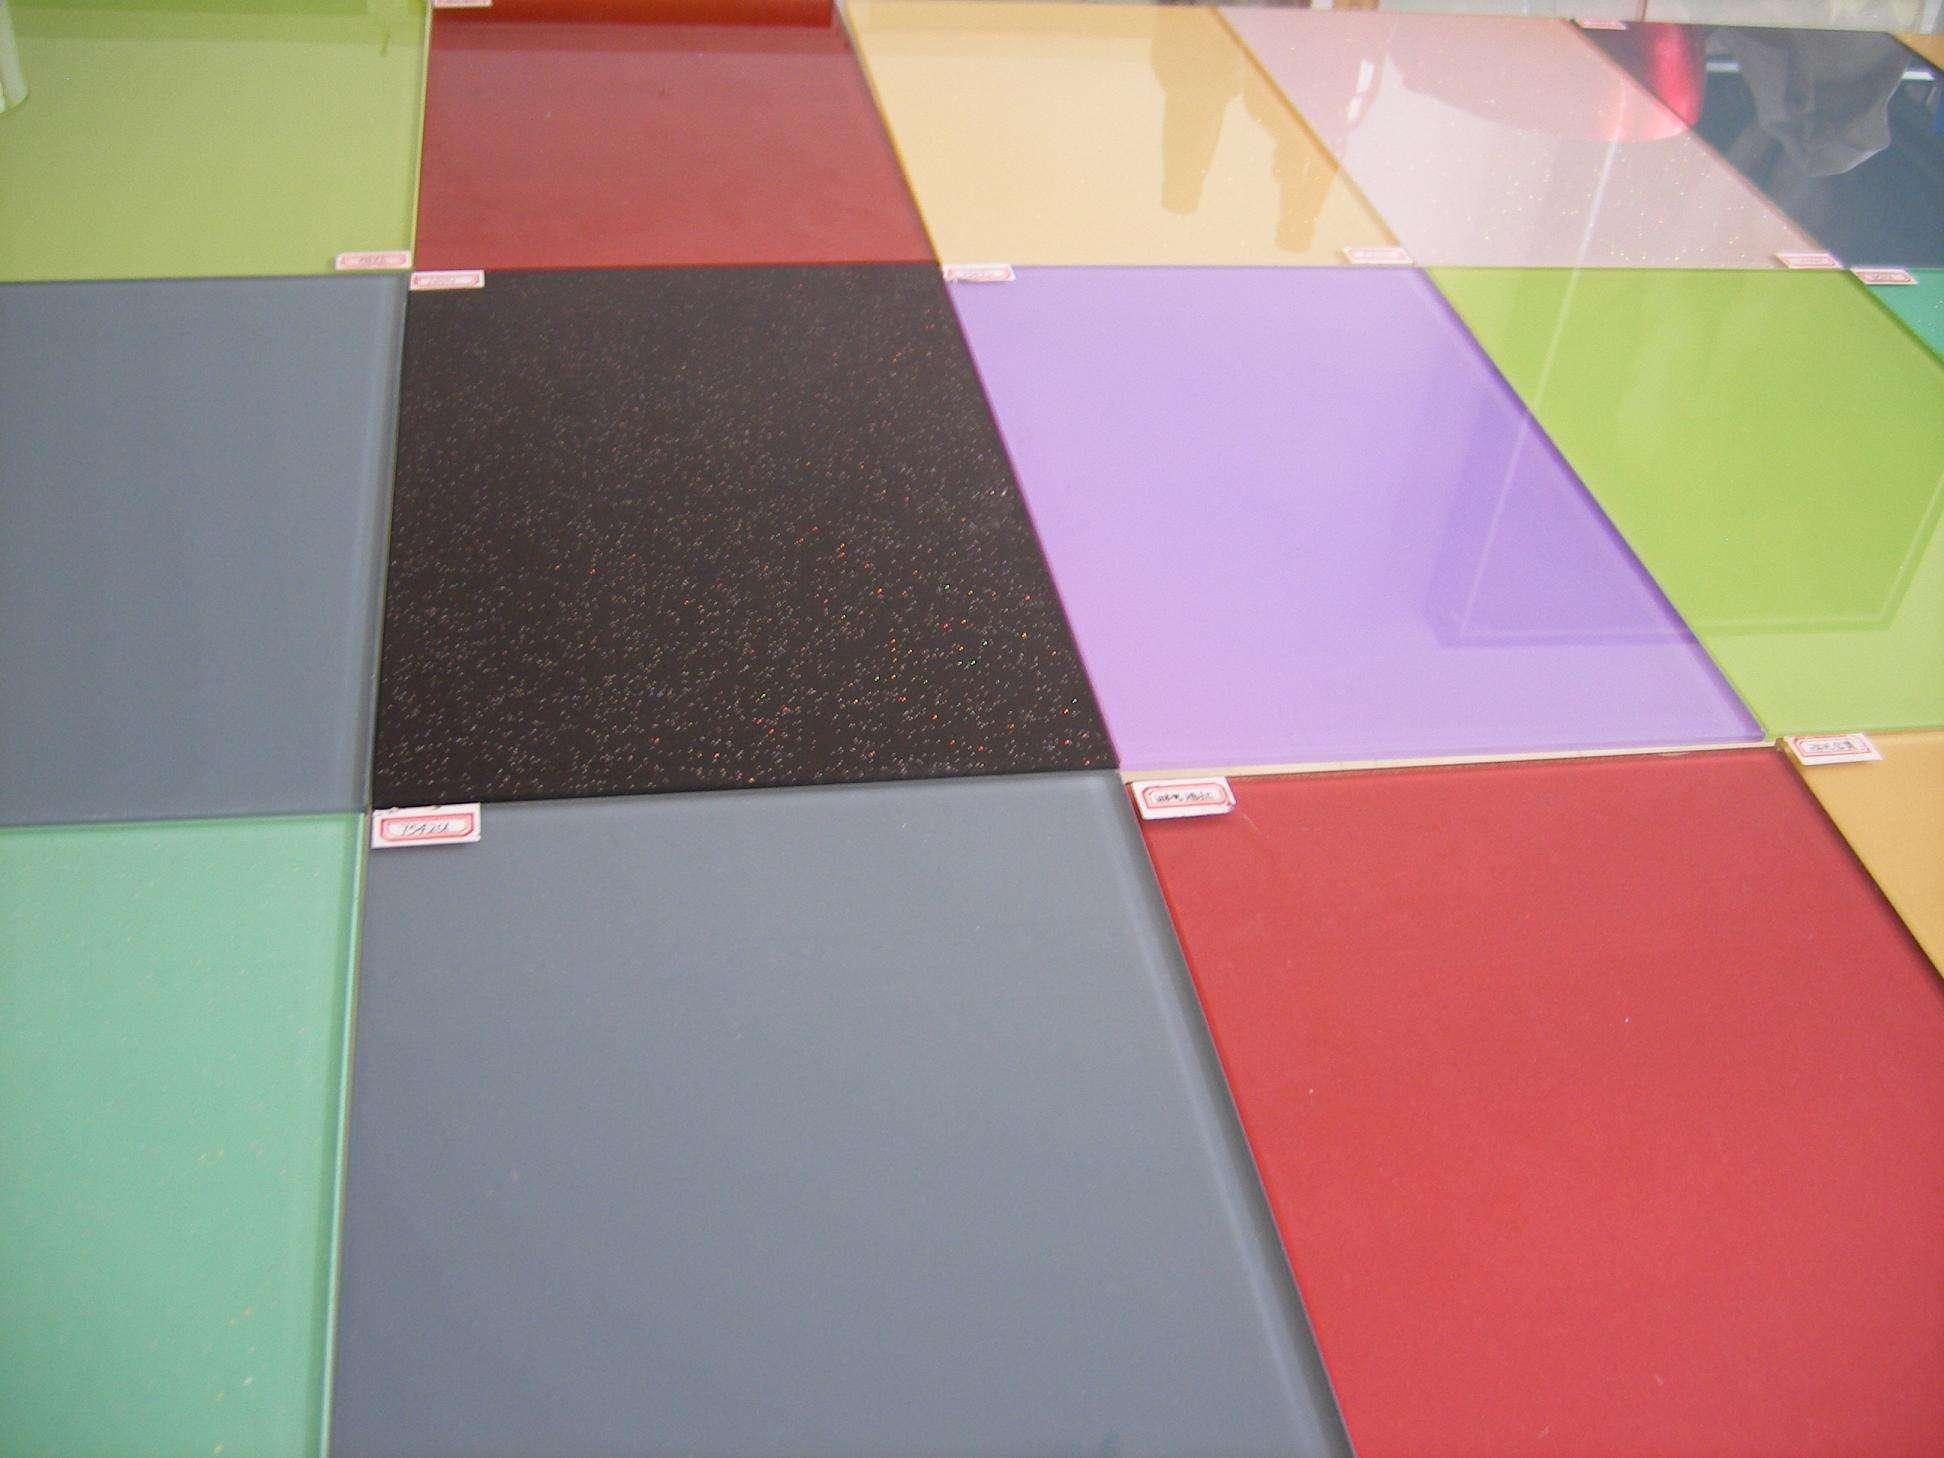 喷漆/烤漆玻璃产品主要性能